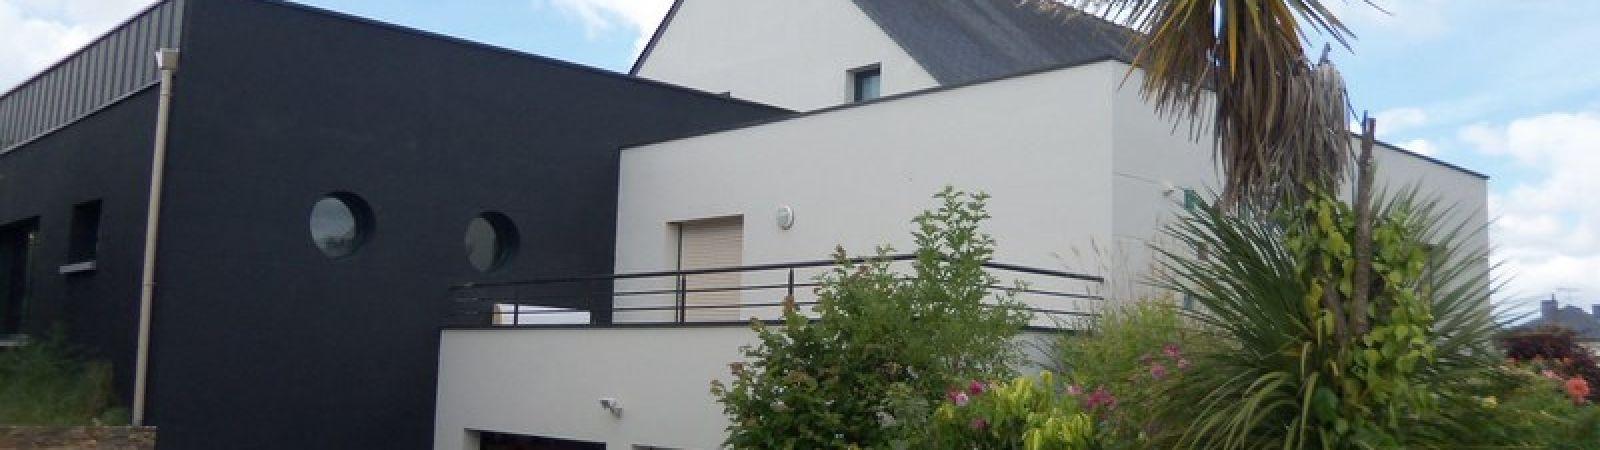 photo 1: Superbe maison contemporaine avec piscine intérieure